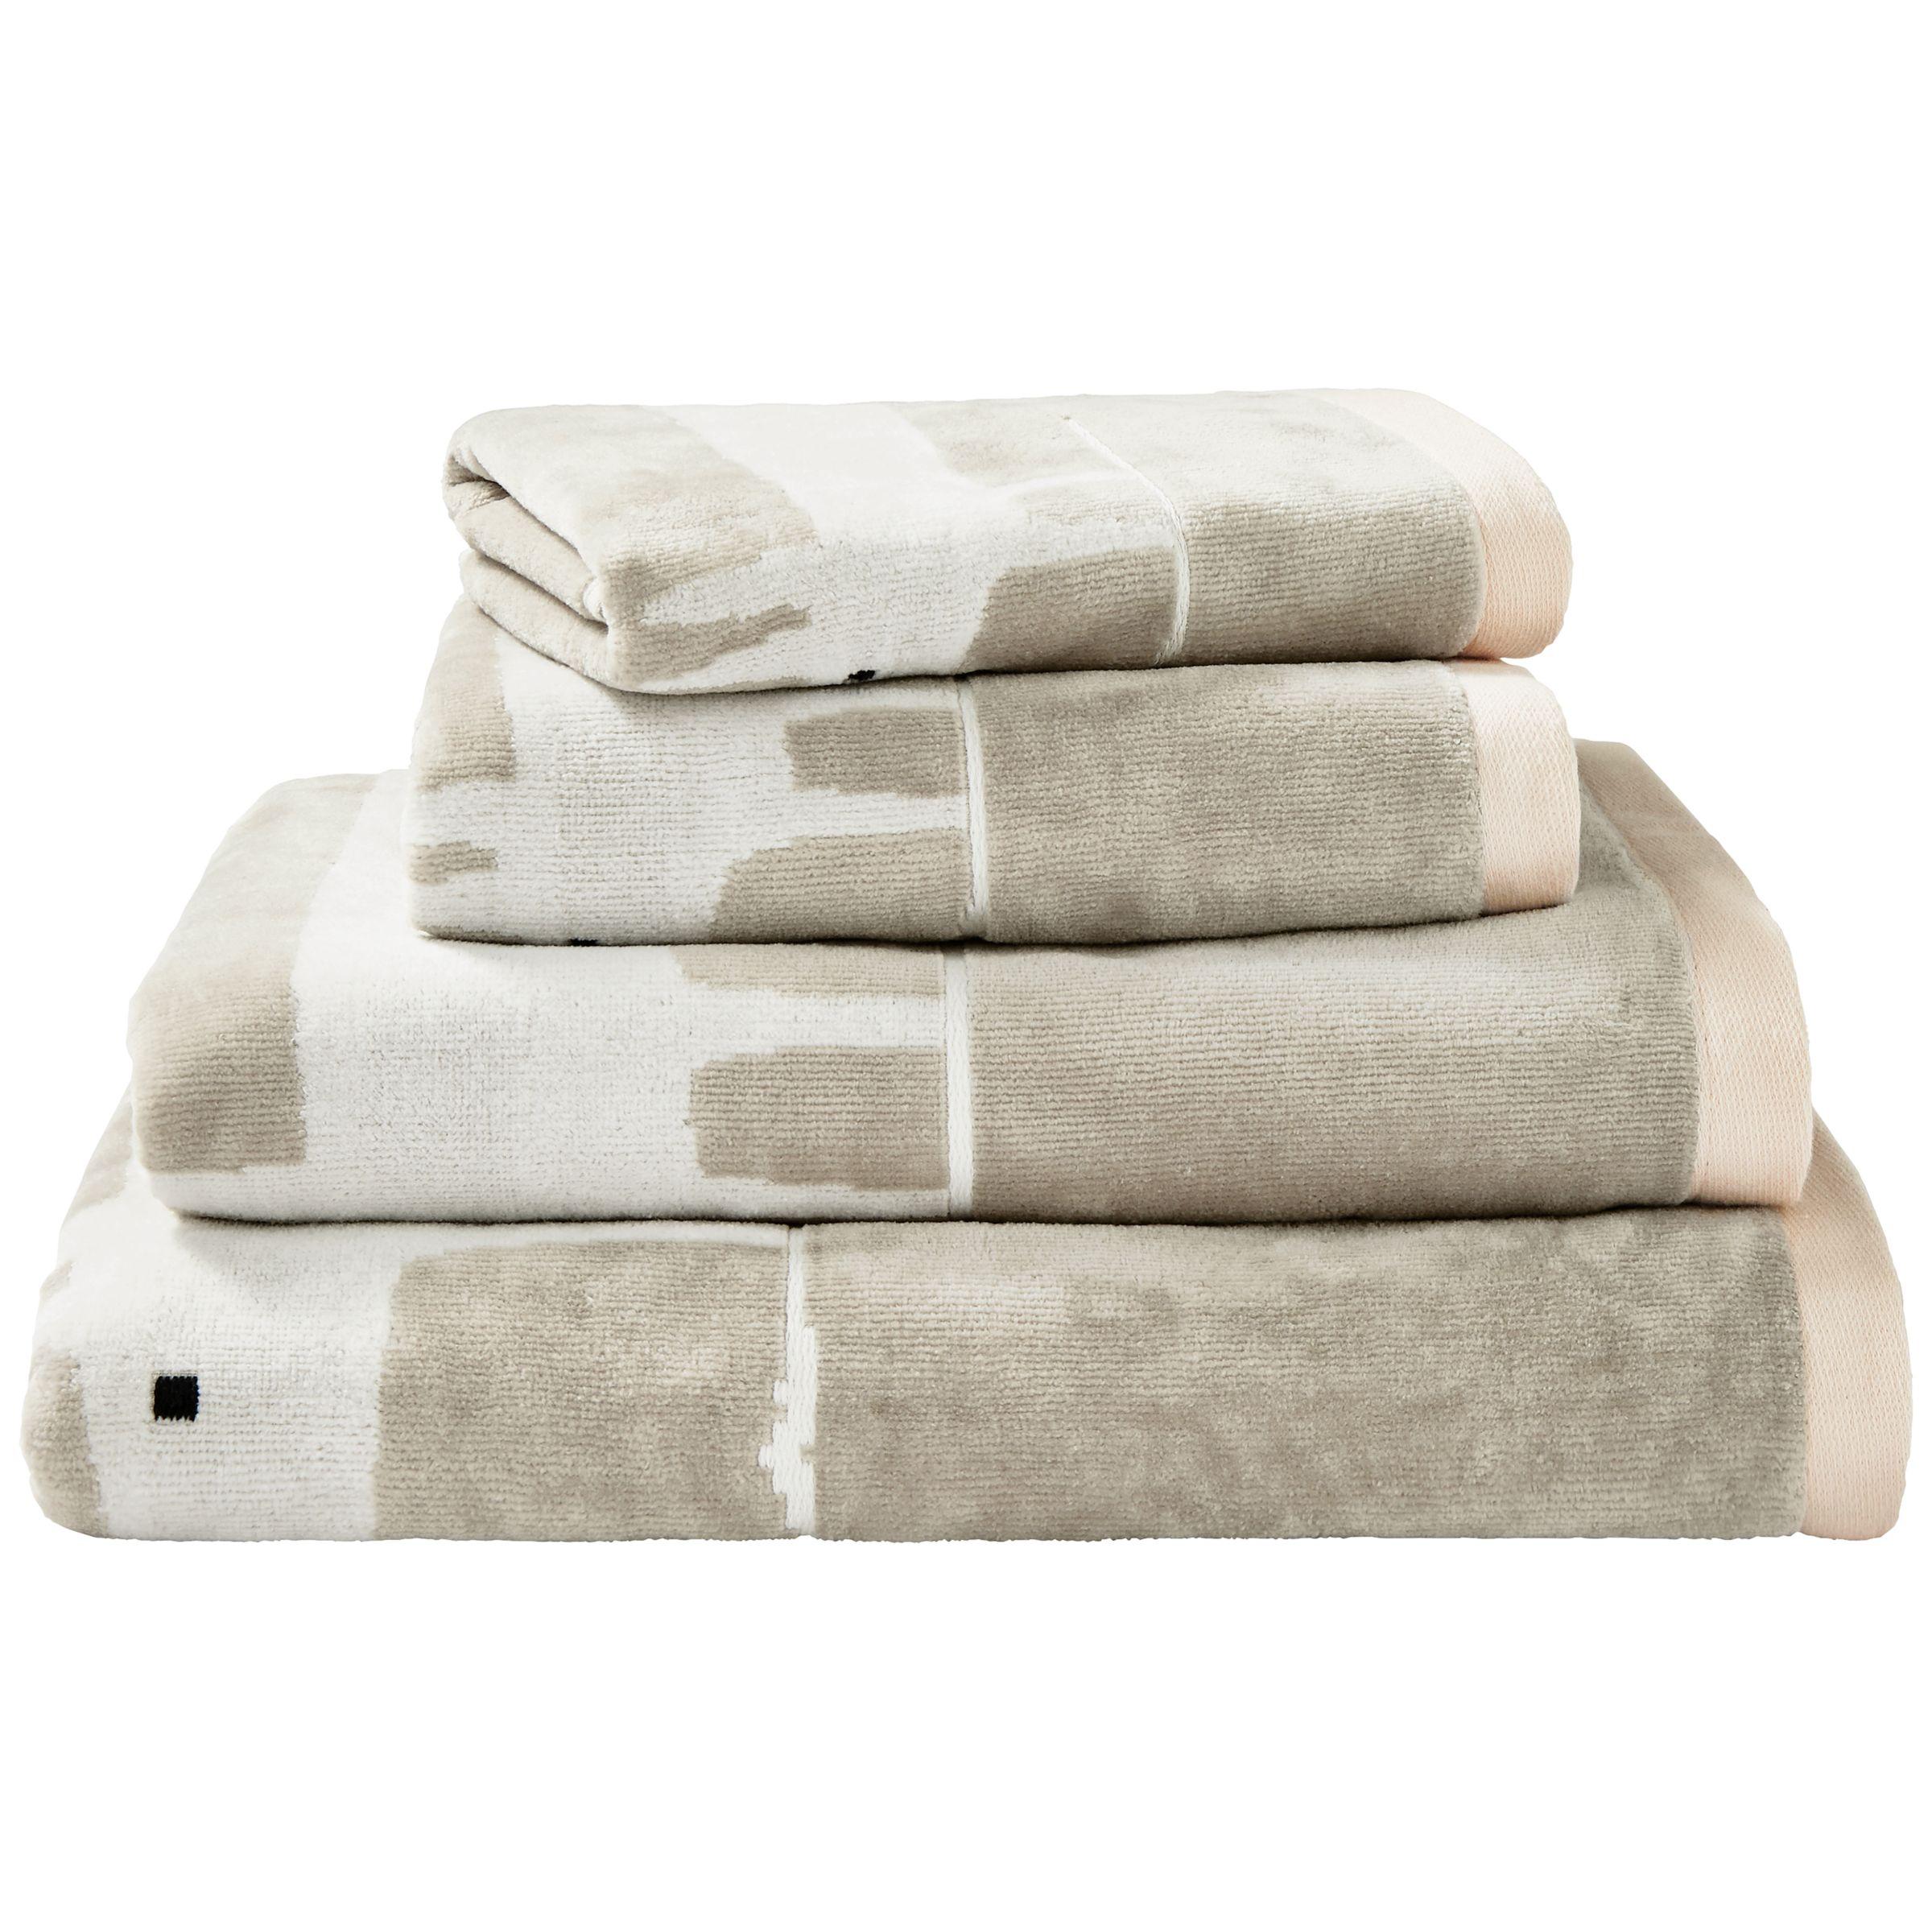 Scion Scion Mr Fox Towels